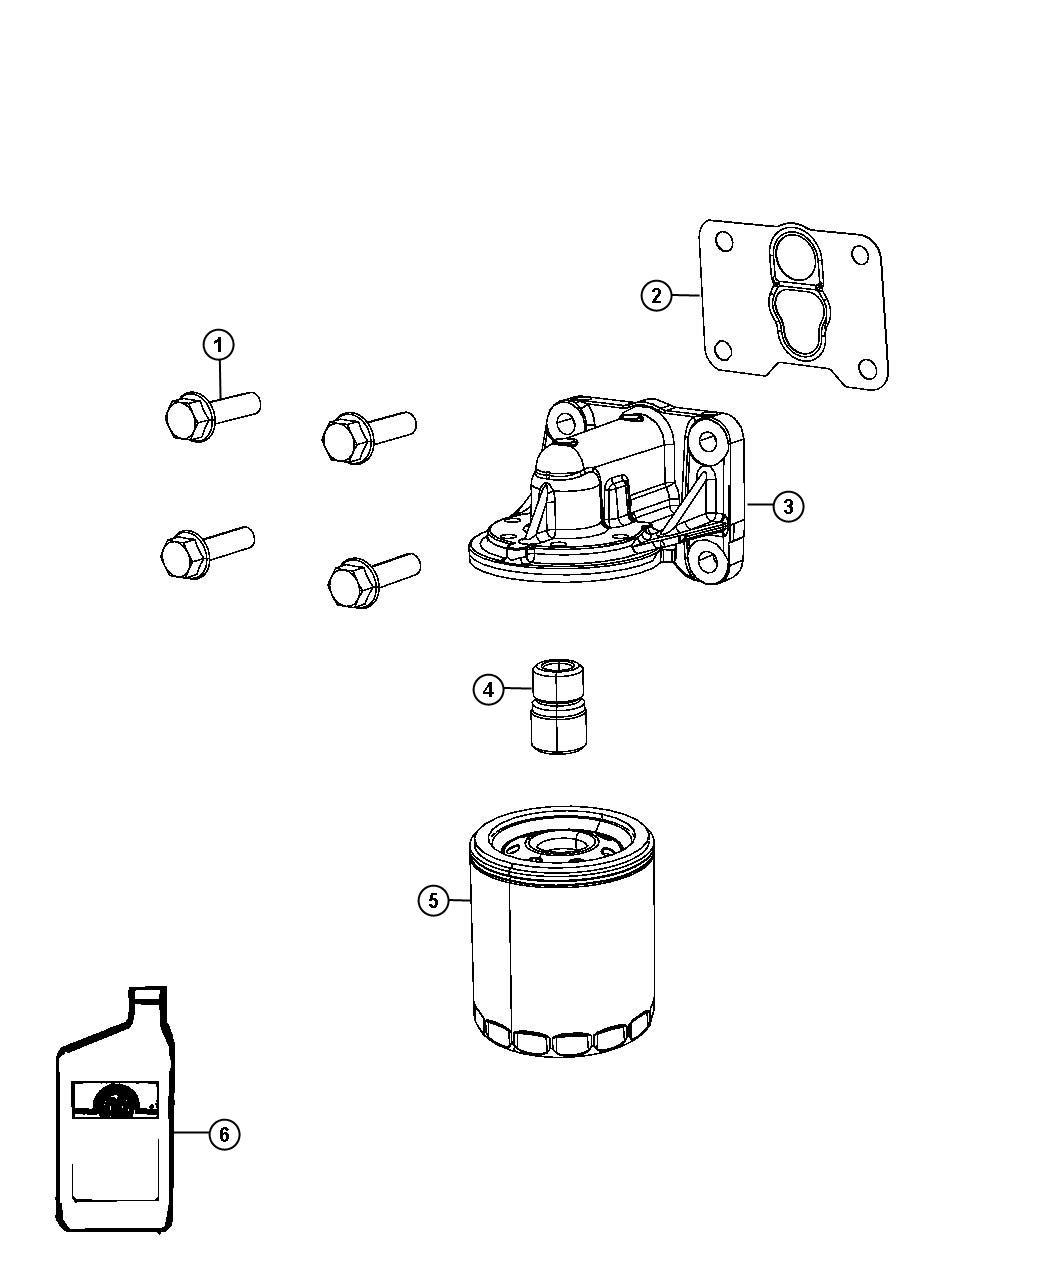 Dodge Caliber Gasket Oil Filter Adapter Engine Vvt